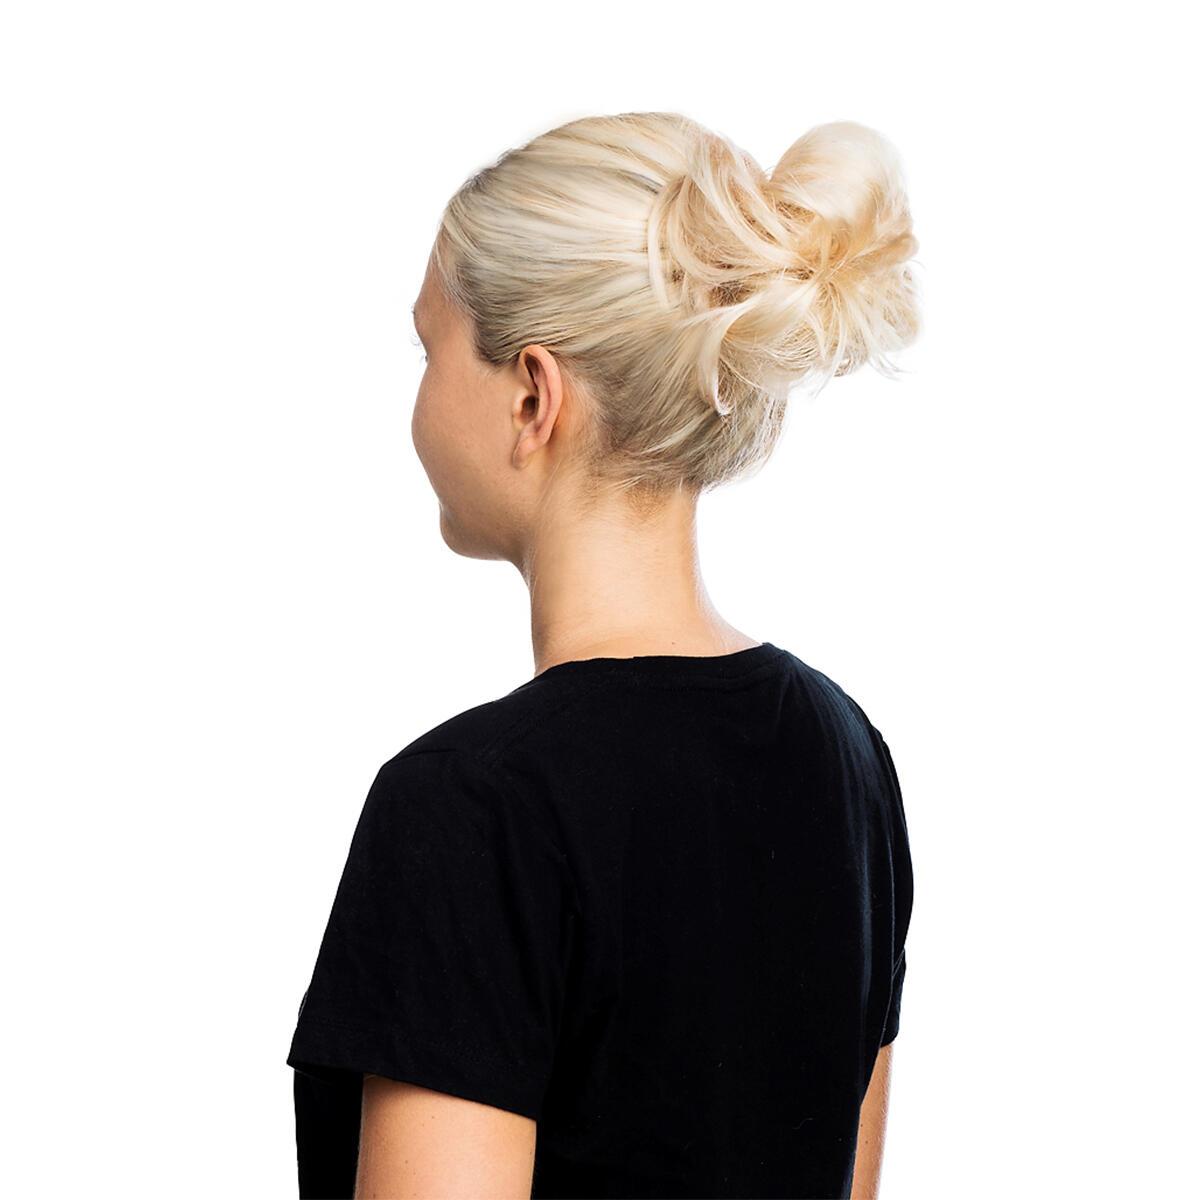 Volume Hair Scrunchie 40 G Scrunchie with real hair 2.0 Dark Brown